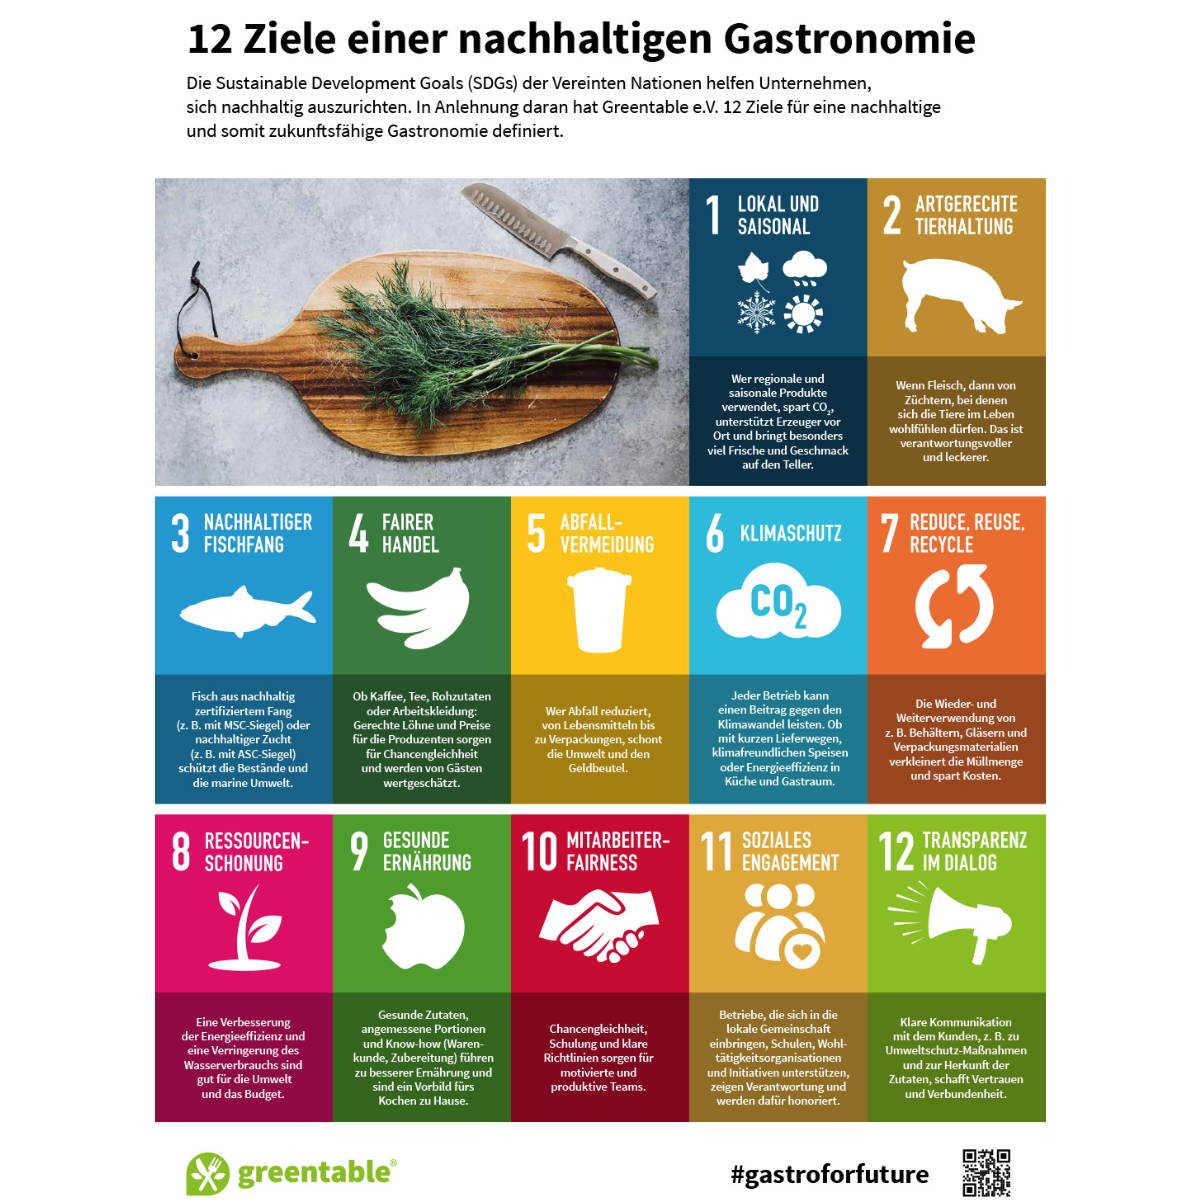 12 Ziele nachhaltiger Gastronomie greentable